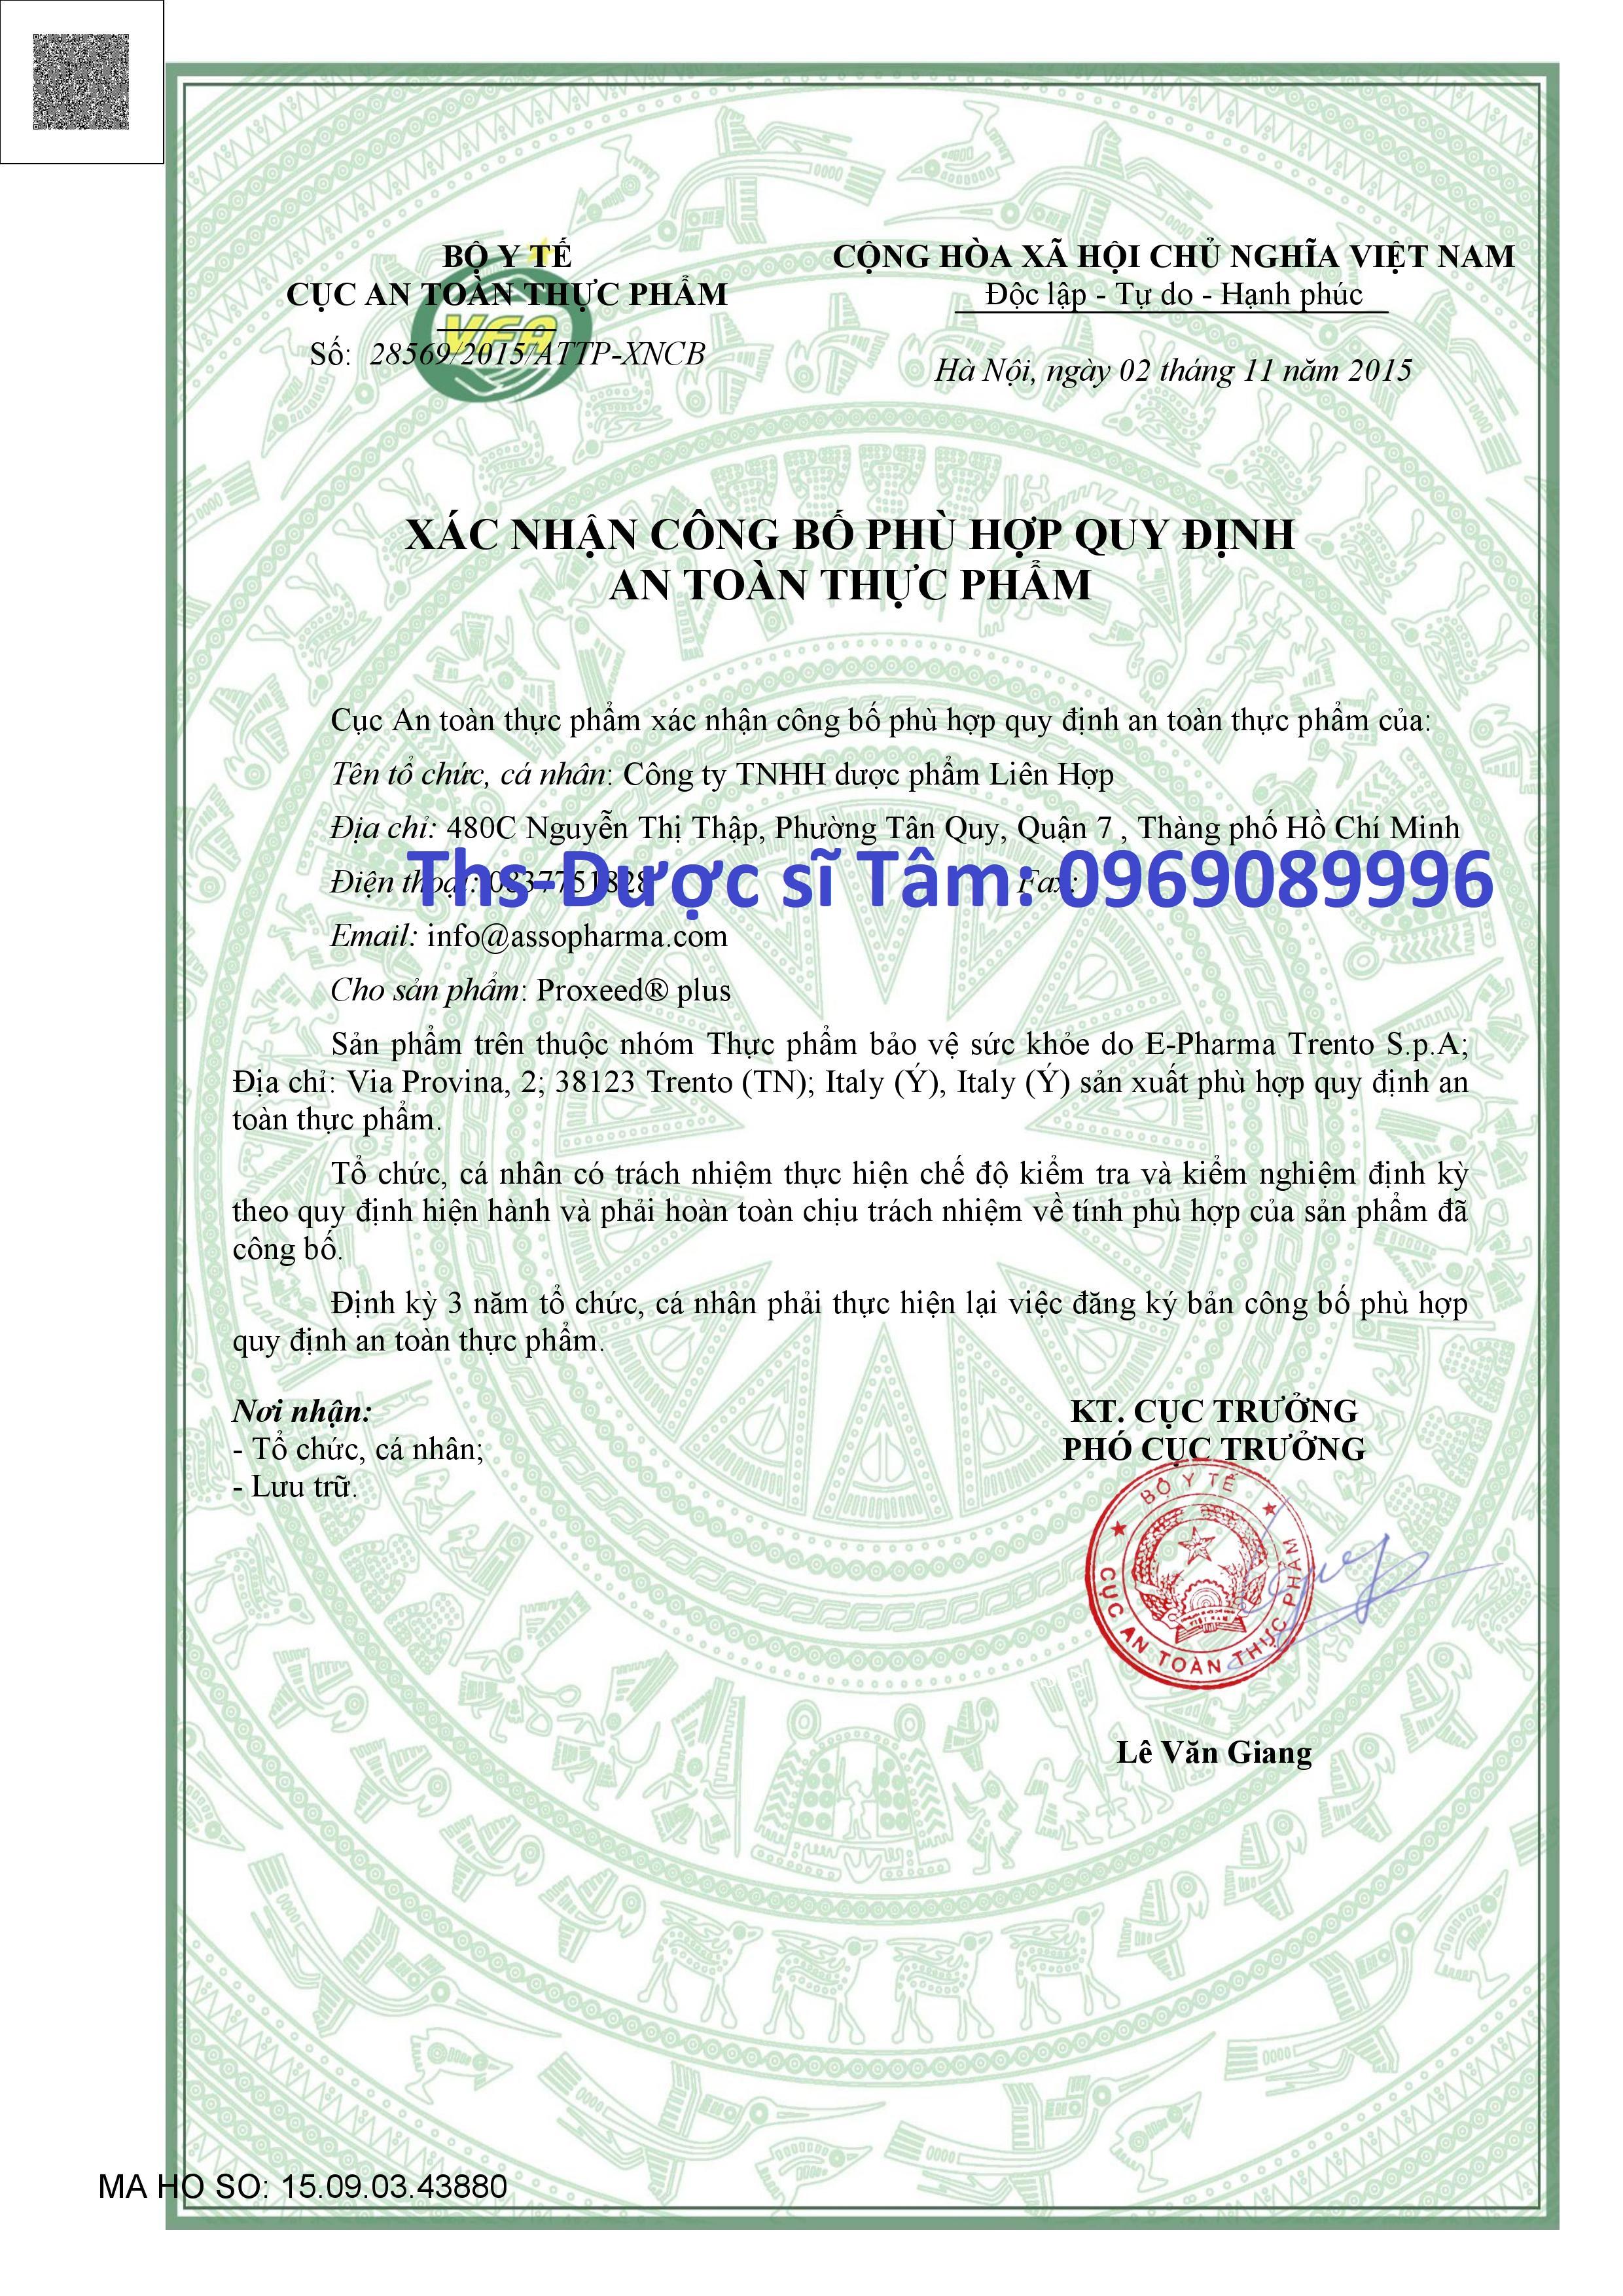 Công bố sản phẩm thuốc proxeed plus tại Việt Nam